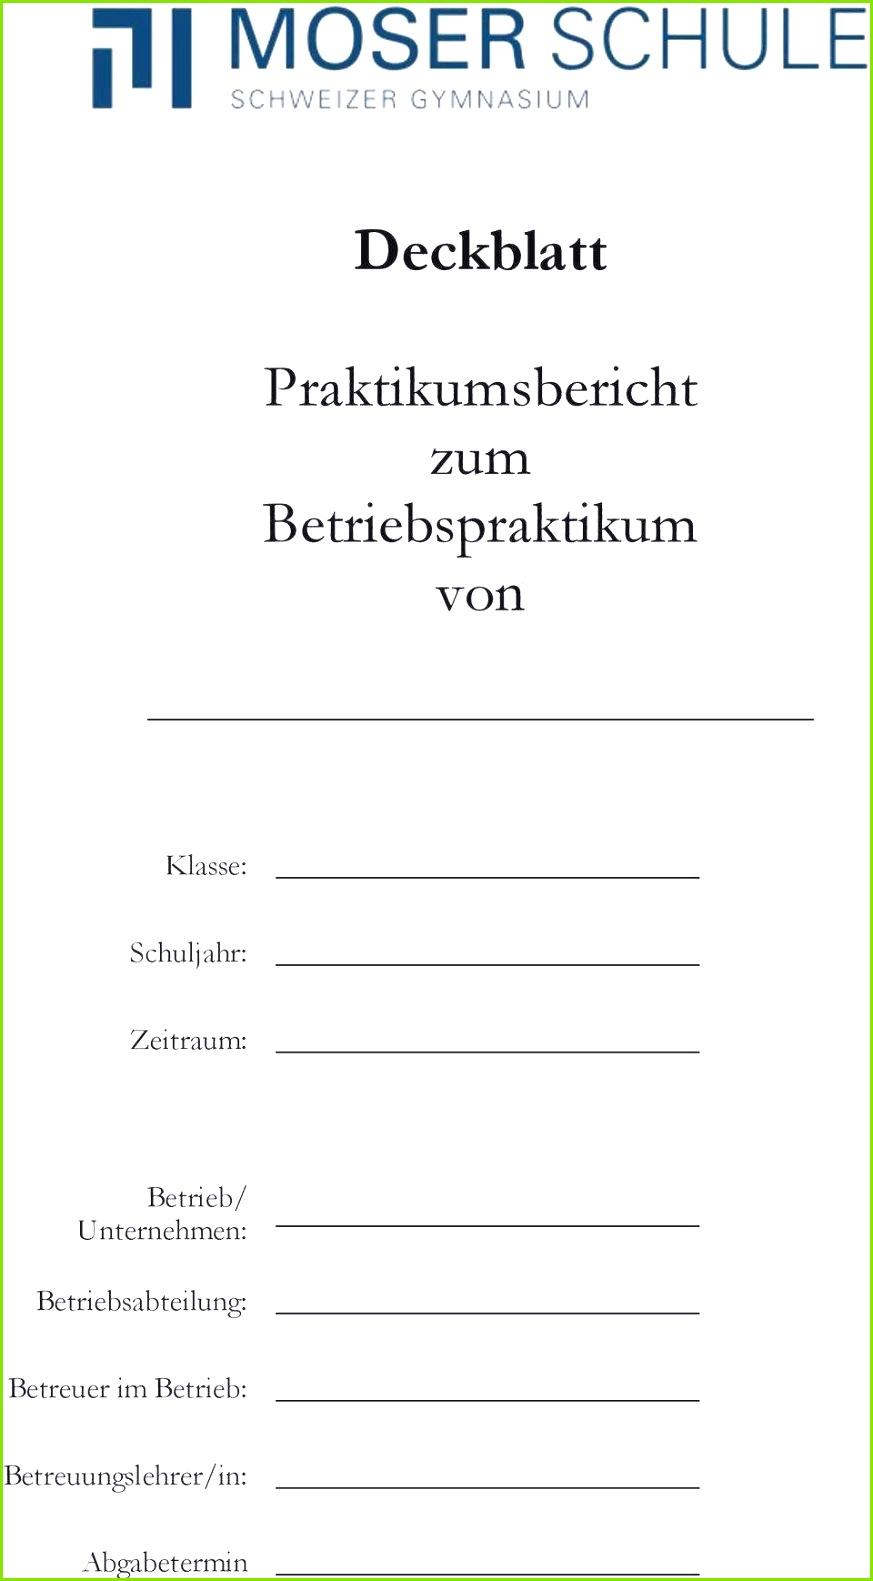 Deckblatt Für Praktikumsmappe Inspirierende Praktikumsmappe Deckblatt Vorlage Word